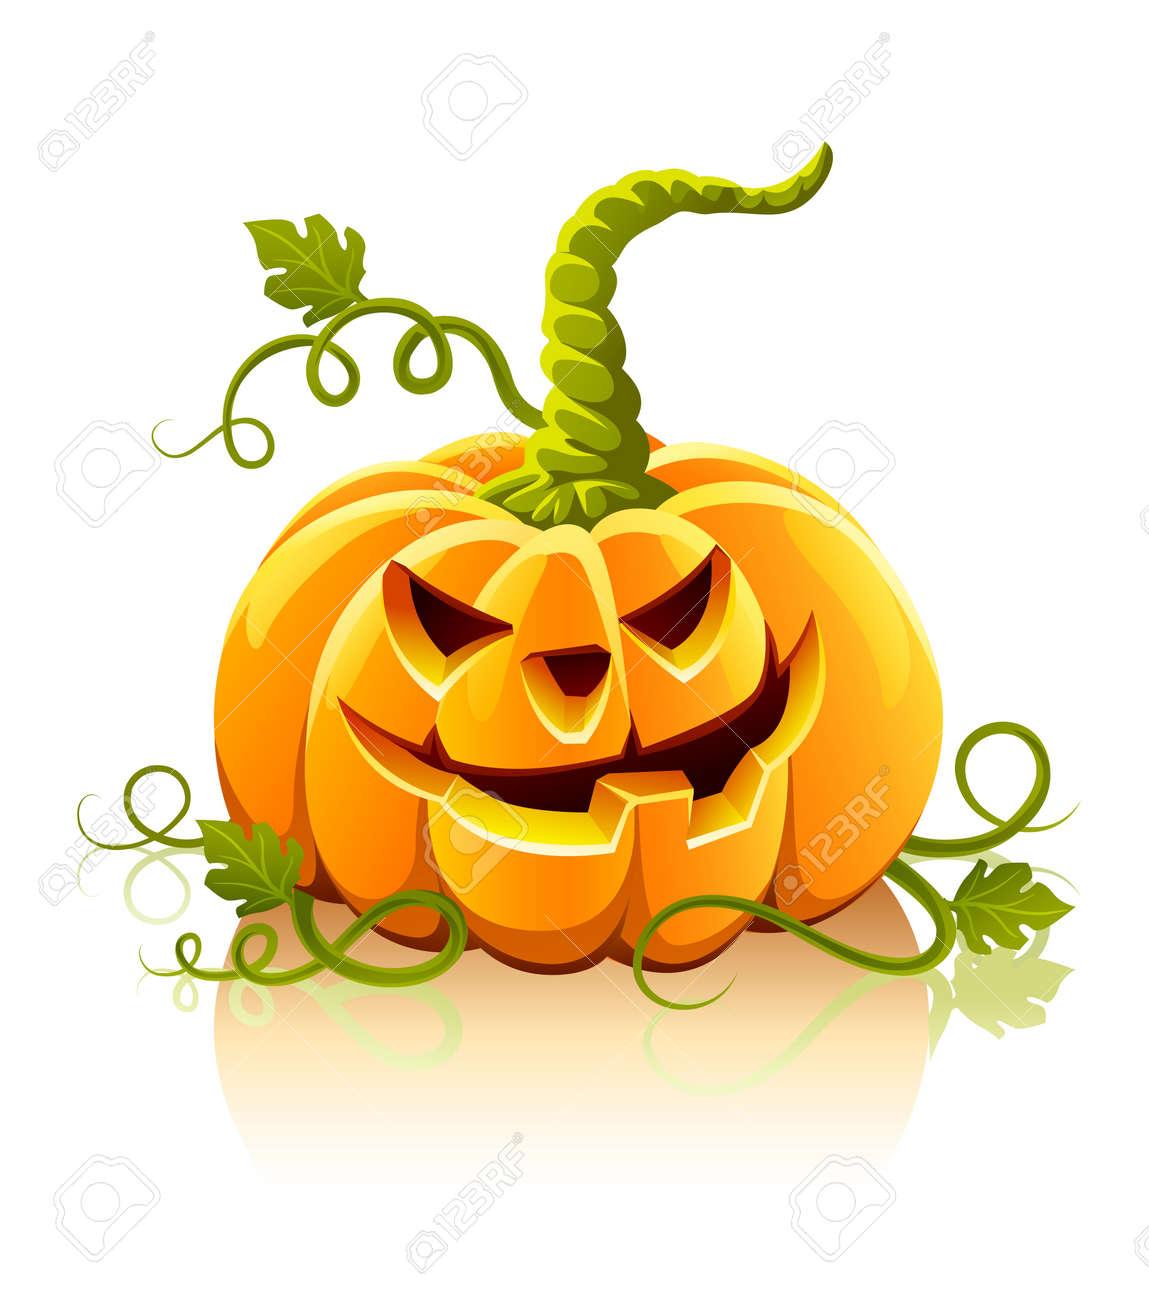 frightful halloween pumpkin vegetable isolated - vector illustration Stock Vector - 5661254